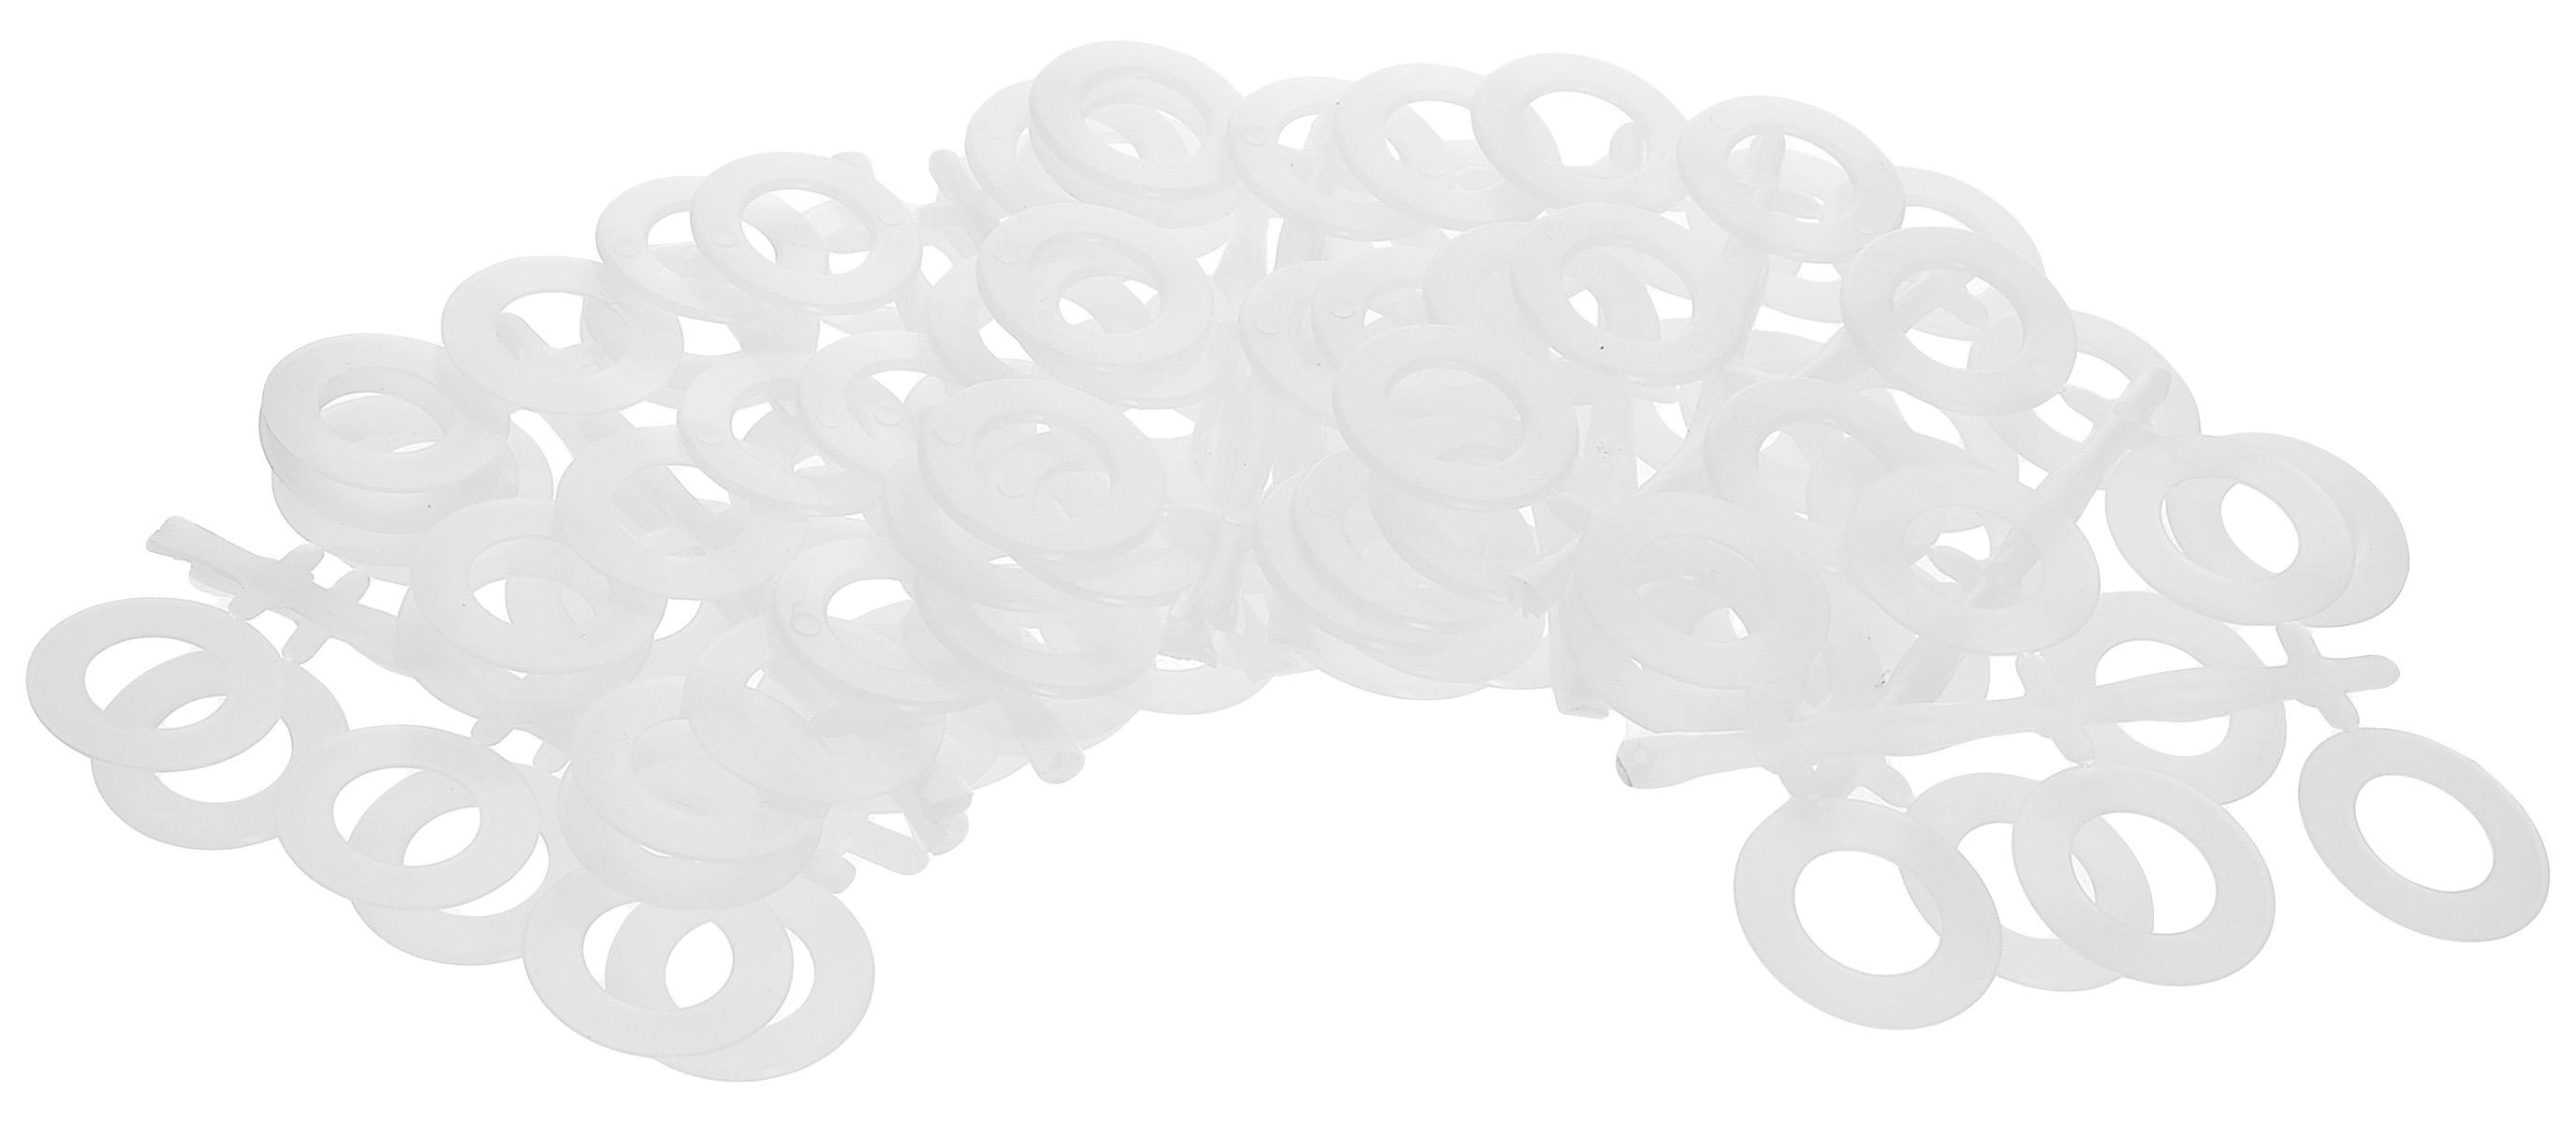 Кольца для обвязывания крючком Prym, диаметр 2,6 см, 96 шт624140_белыйКольца Prym выполнены из высококачественного пластика и предназначены для обвязывания крючком. Искусно обвязанные и украшенные со вкусом кольца подойдут в качестве самостоятельных аксессуаров или дополнительного декора простой одежды. Диаметр: 2,6 см.